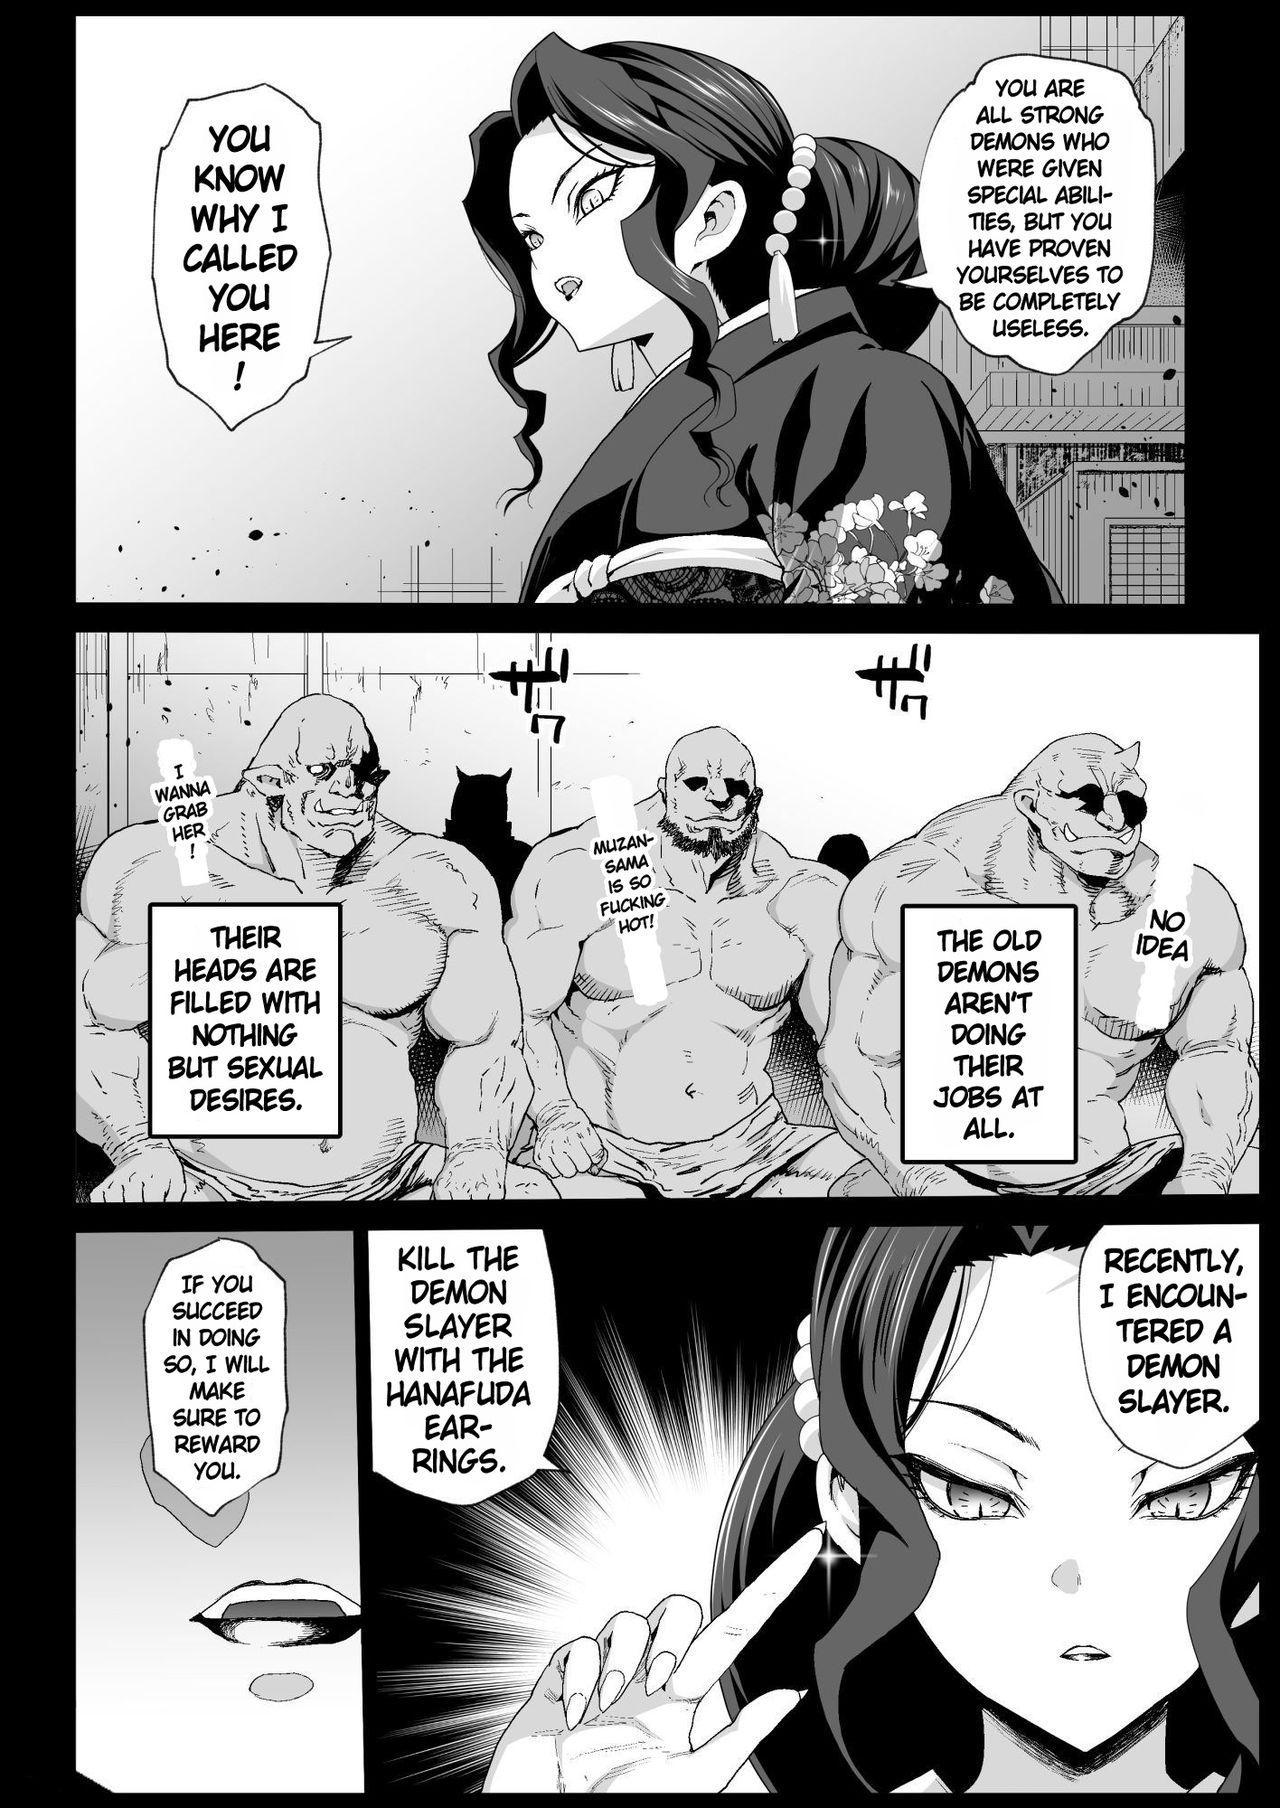 [Eromazun (Ma-kurou)] Mesu Ochi Jou Muzan-sama - RAPE OF DEMON SLAYER 4 | Making a Mess of Lady Muzan-sama - RAPE OF DEMON SLAYER 4 (Kimetsu no Yaiba) [English] [Keye Necktire] [Digital] 5